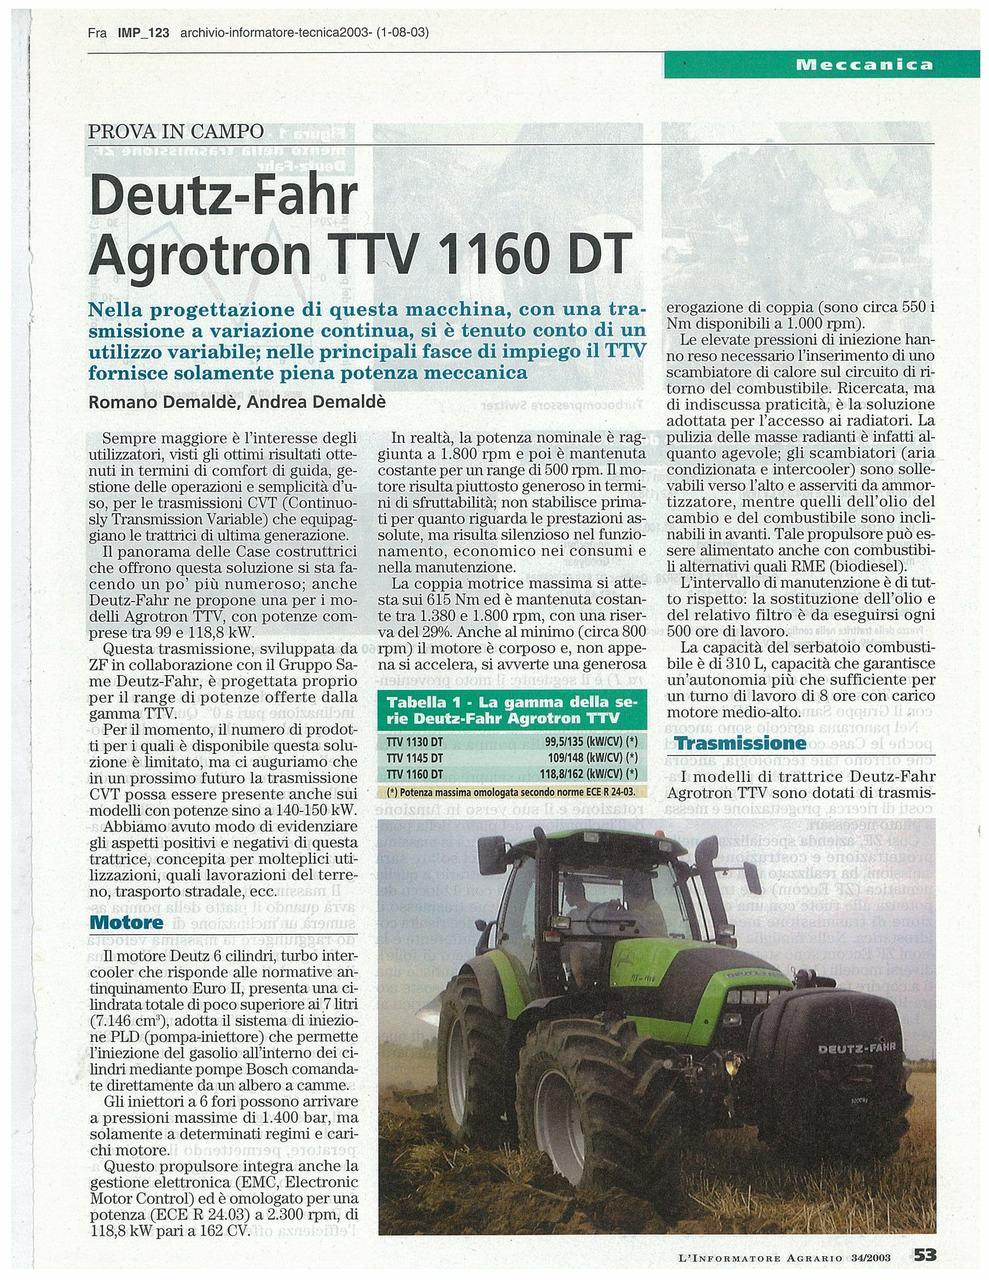 Deutz Fahr Agrotron TTV 1160 DT